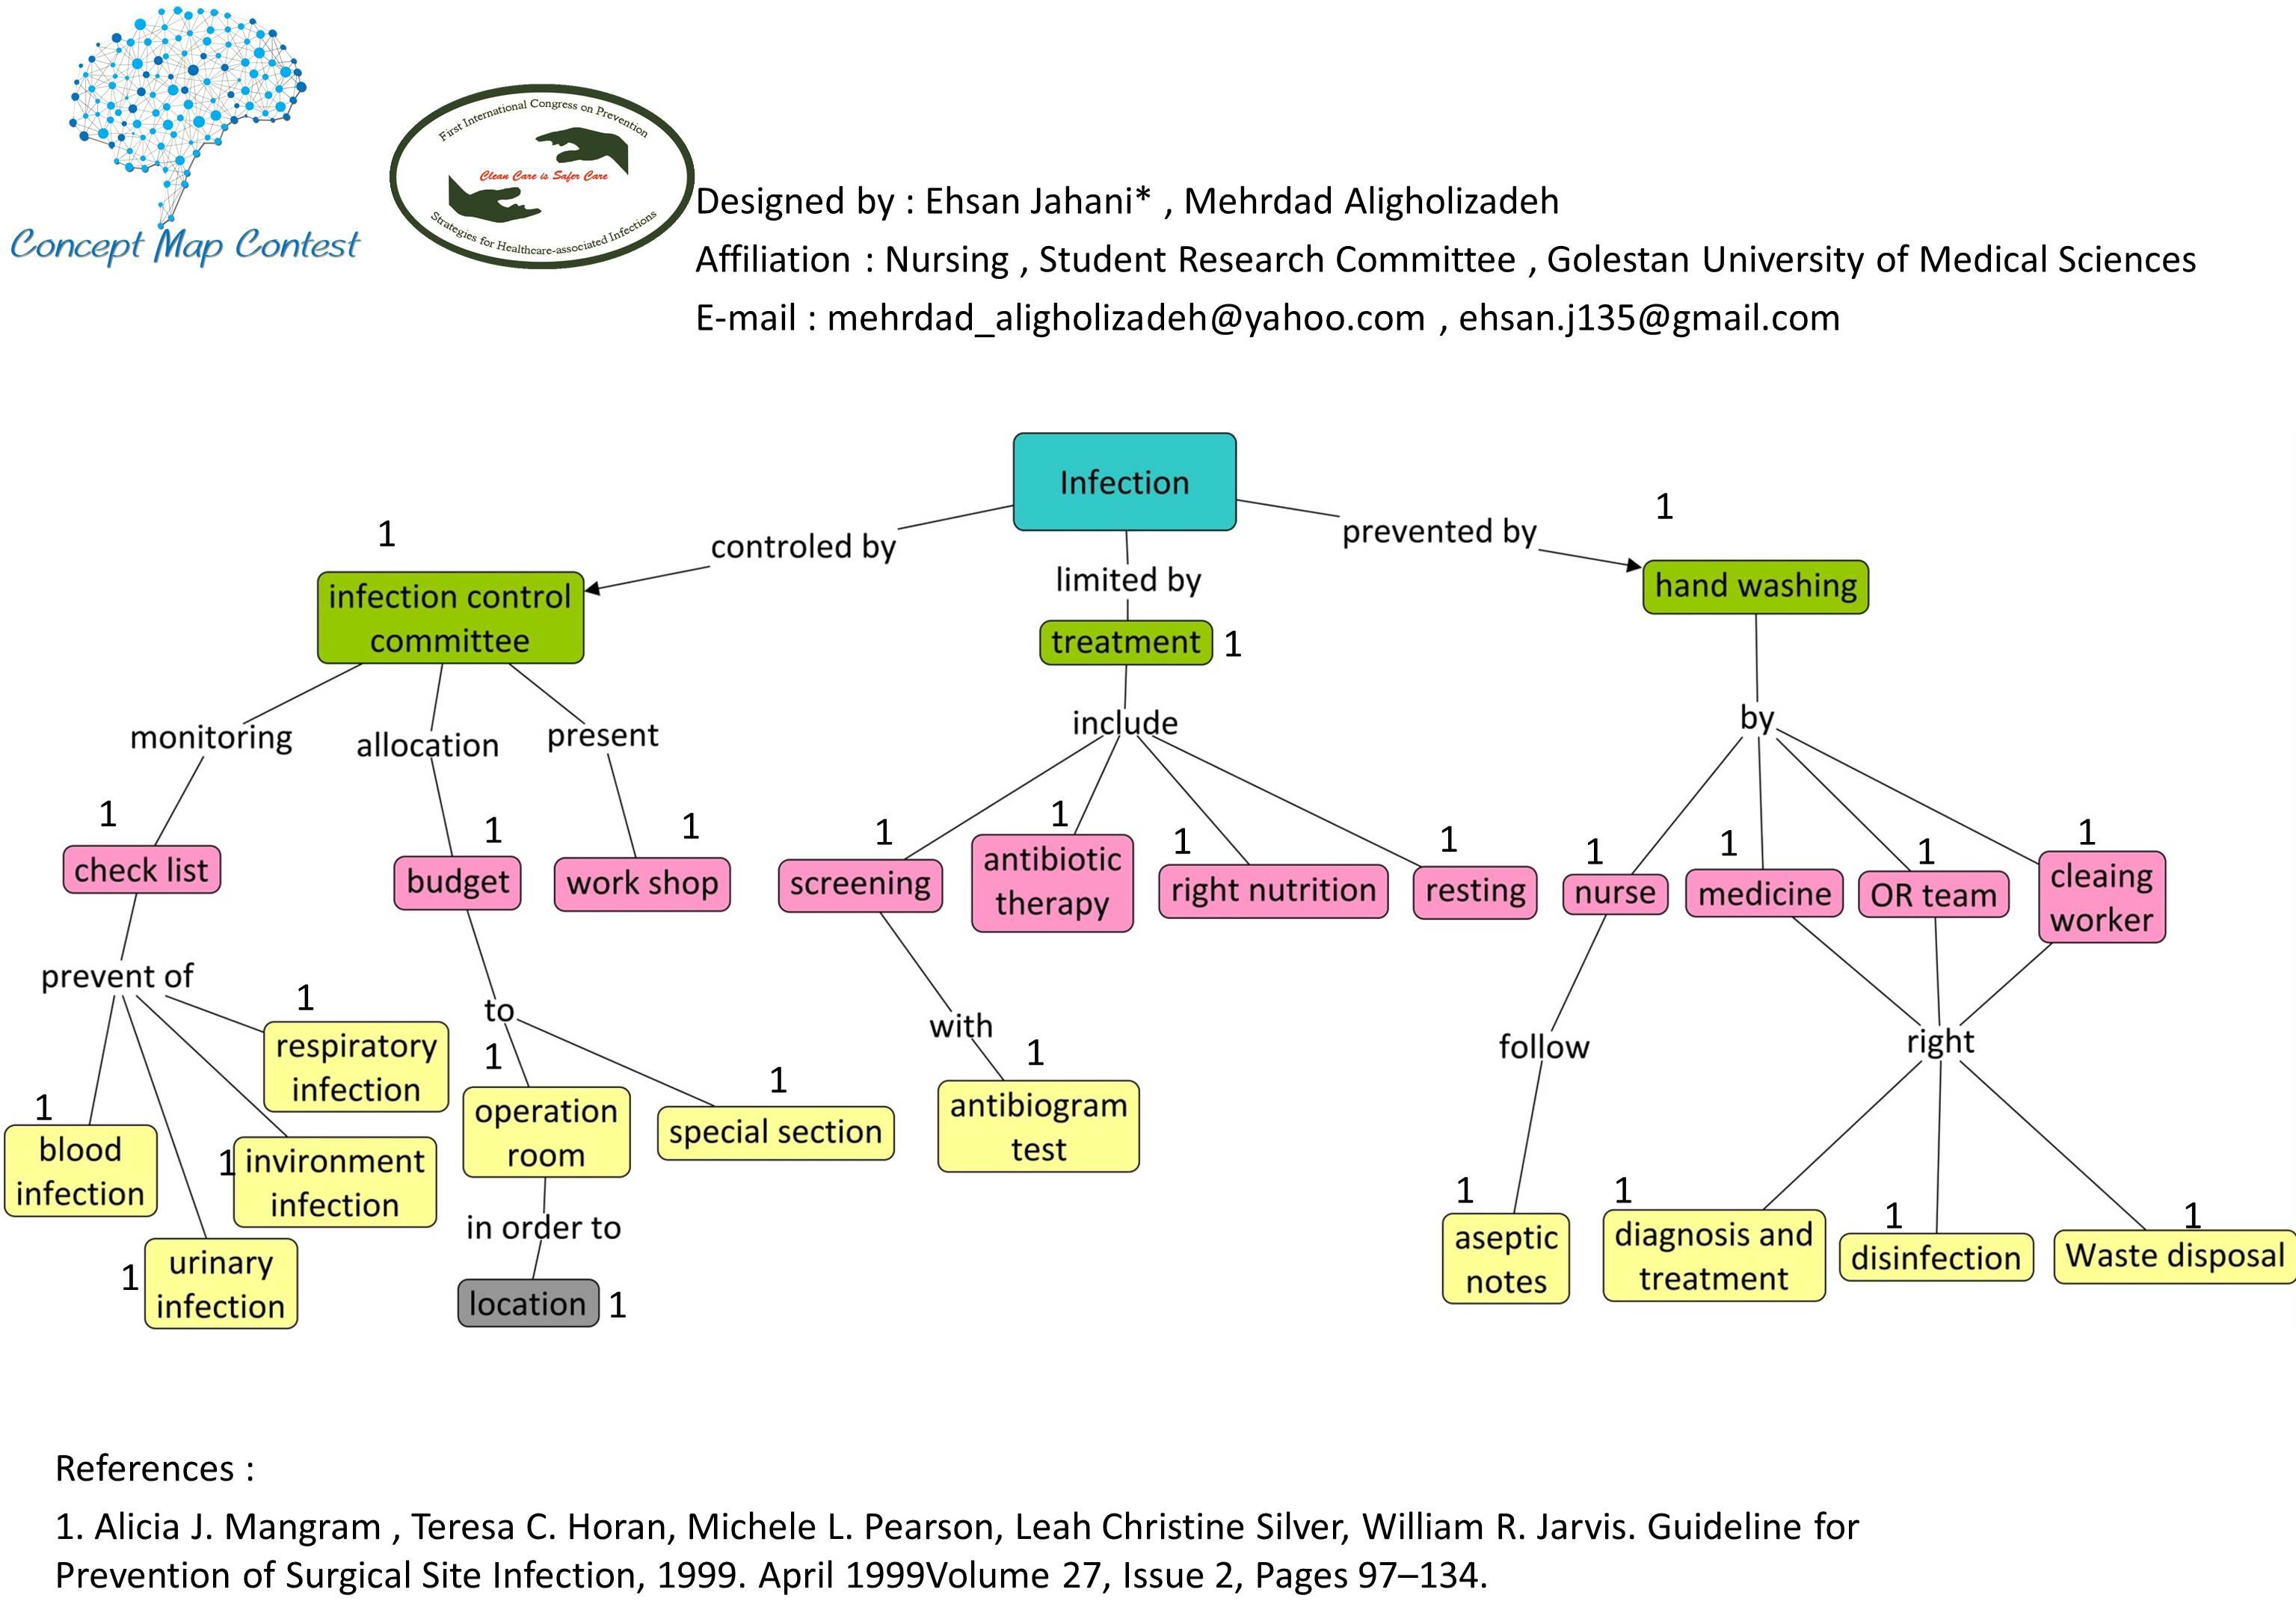 نقشه مفهومی پیشگیری از عفونت بیمارستانی concept map  = احسان جهانی